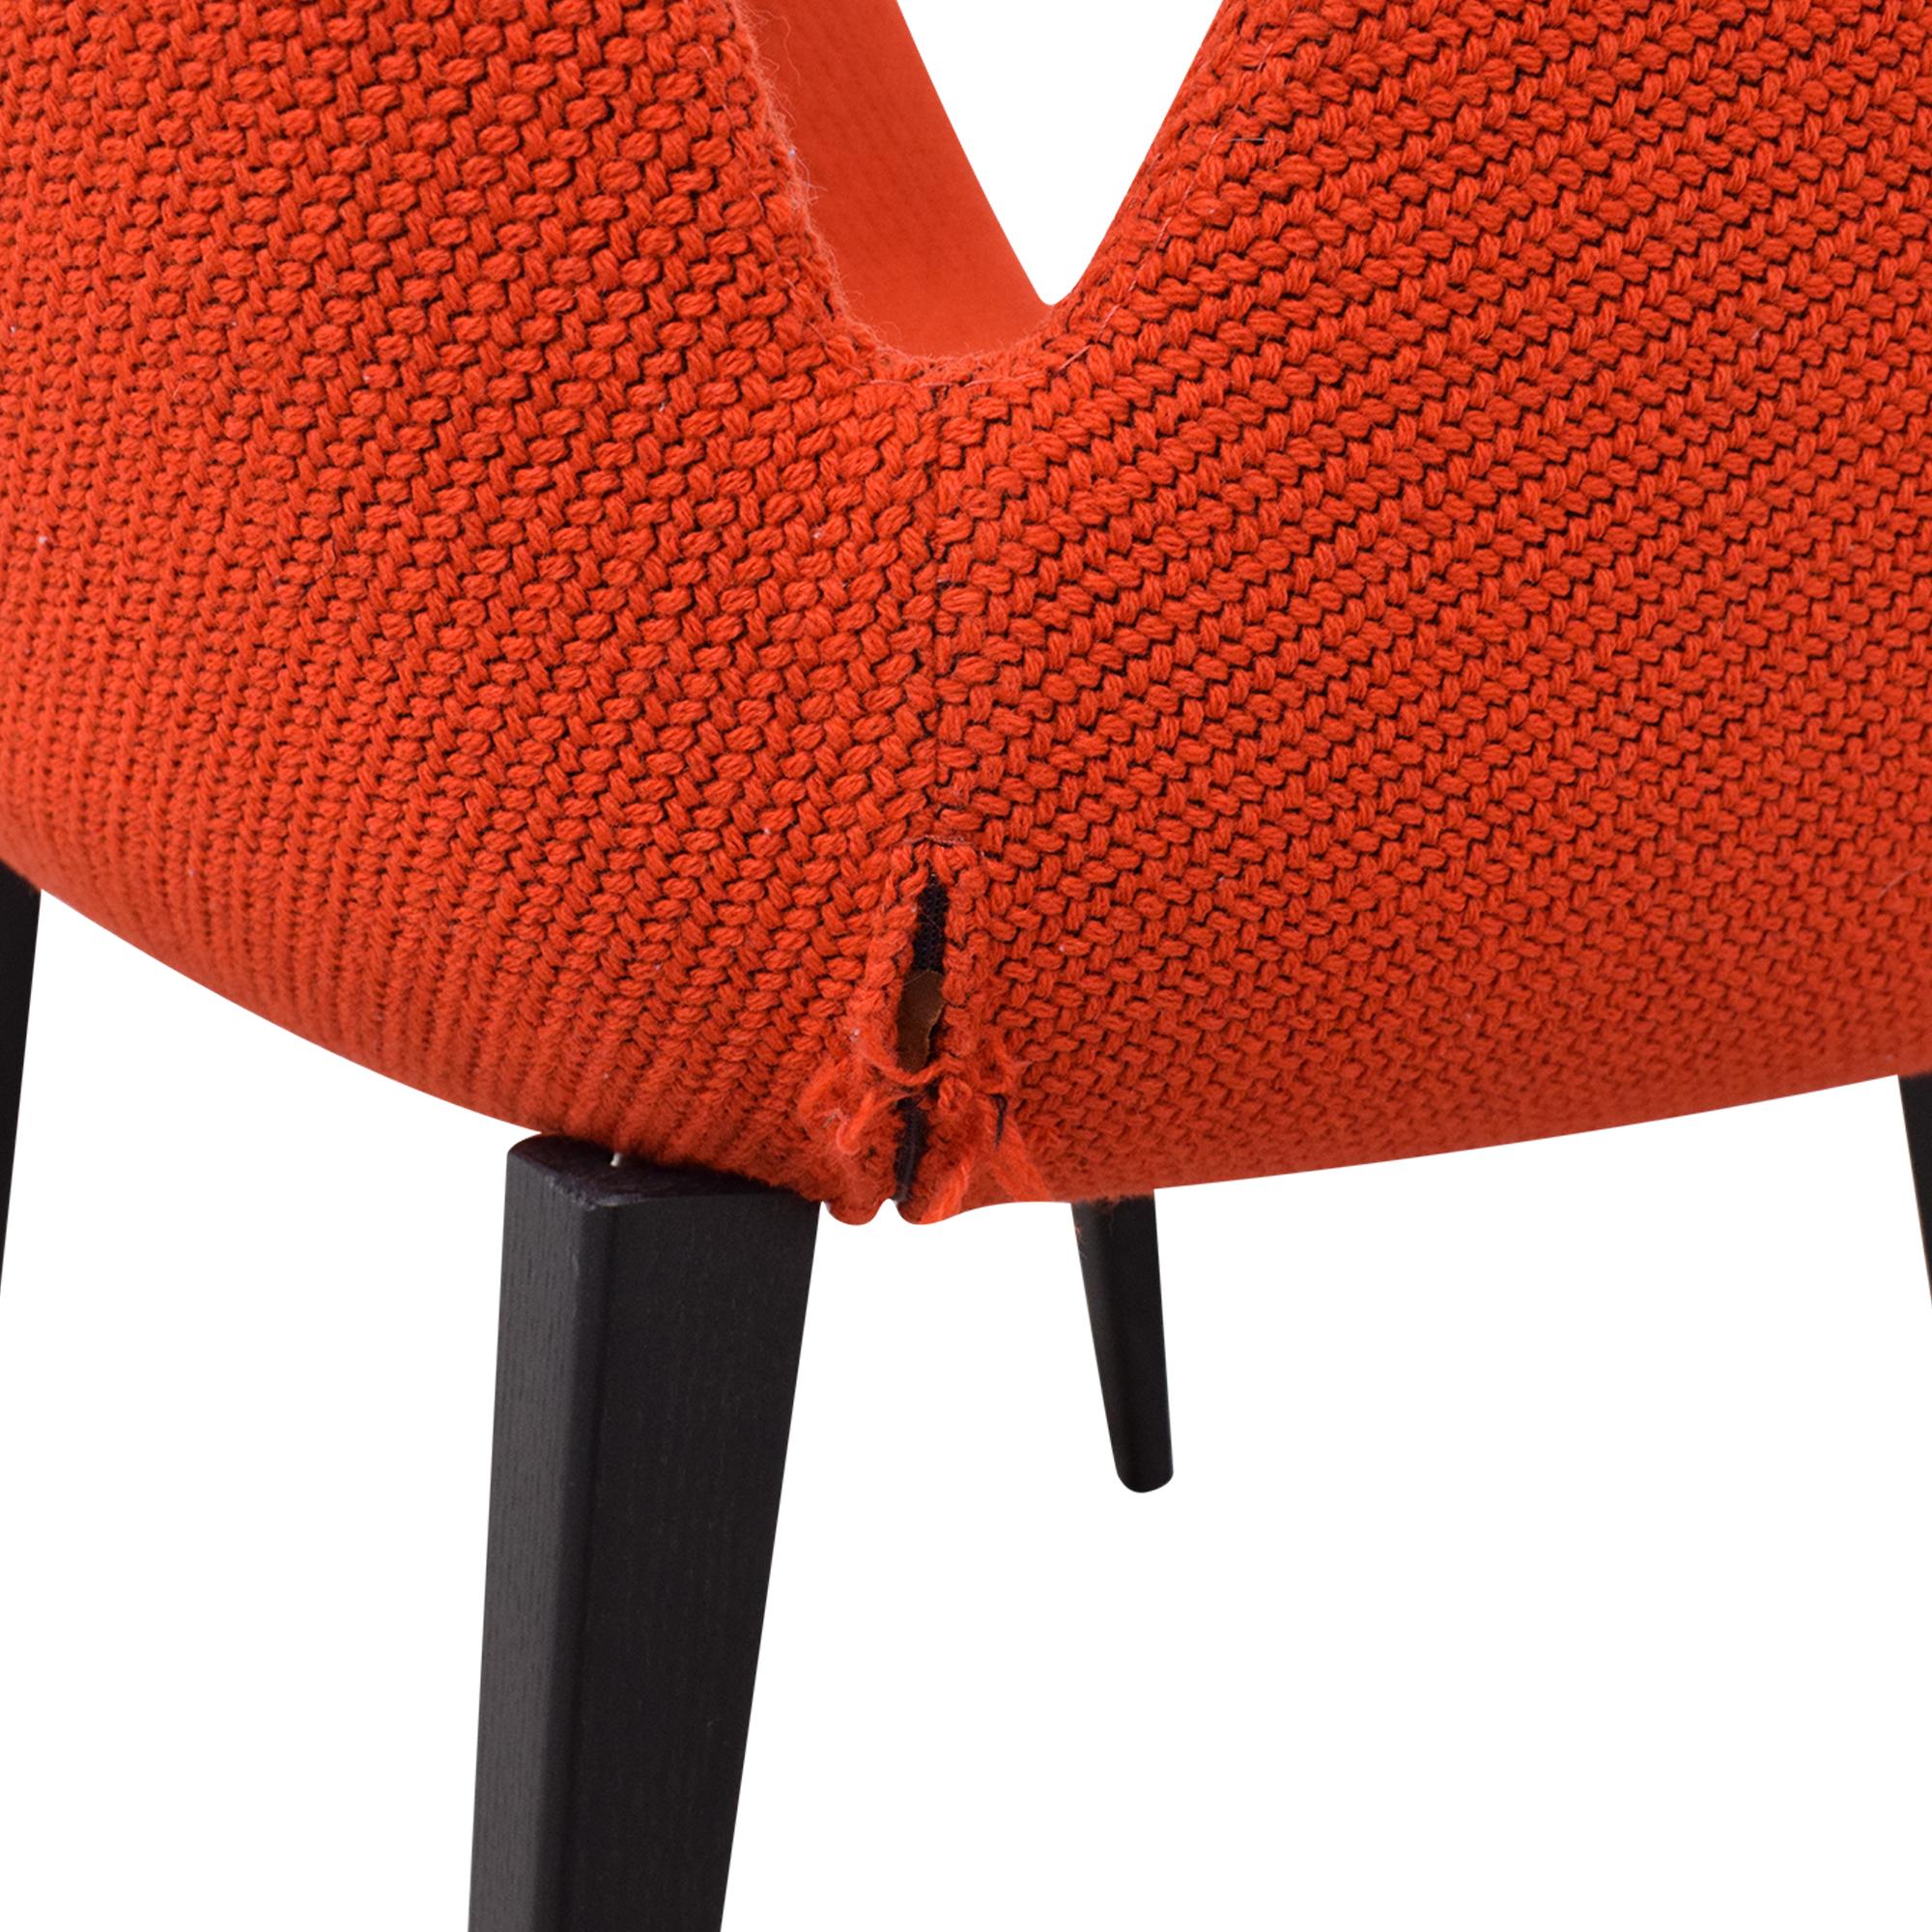 Koleksiyon Koleksiyon Halia Arm Chair Accent Chairs